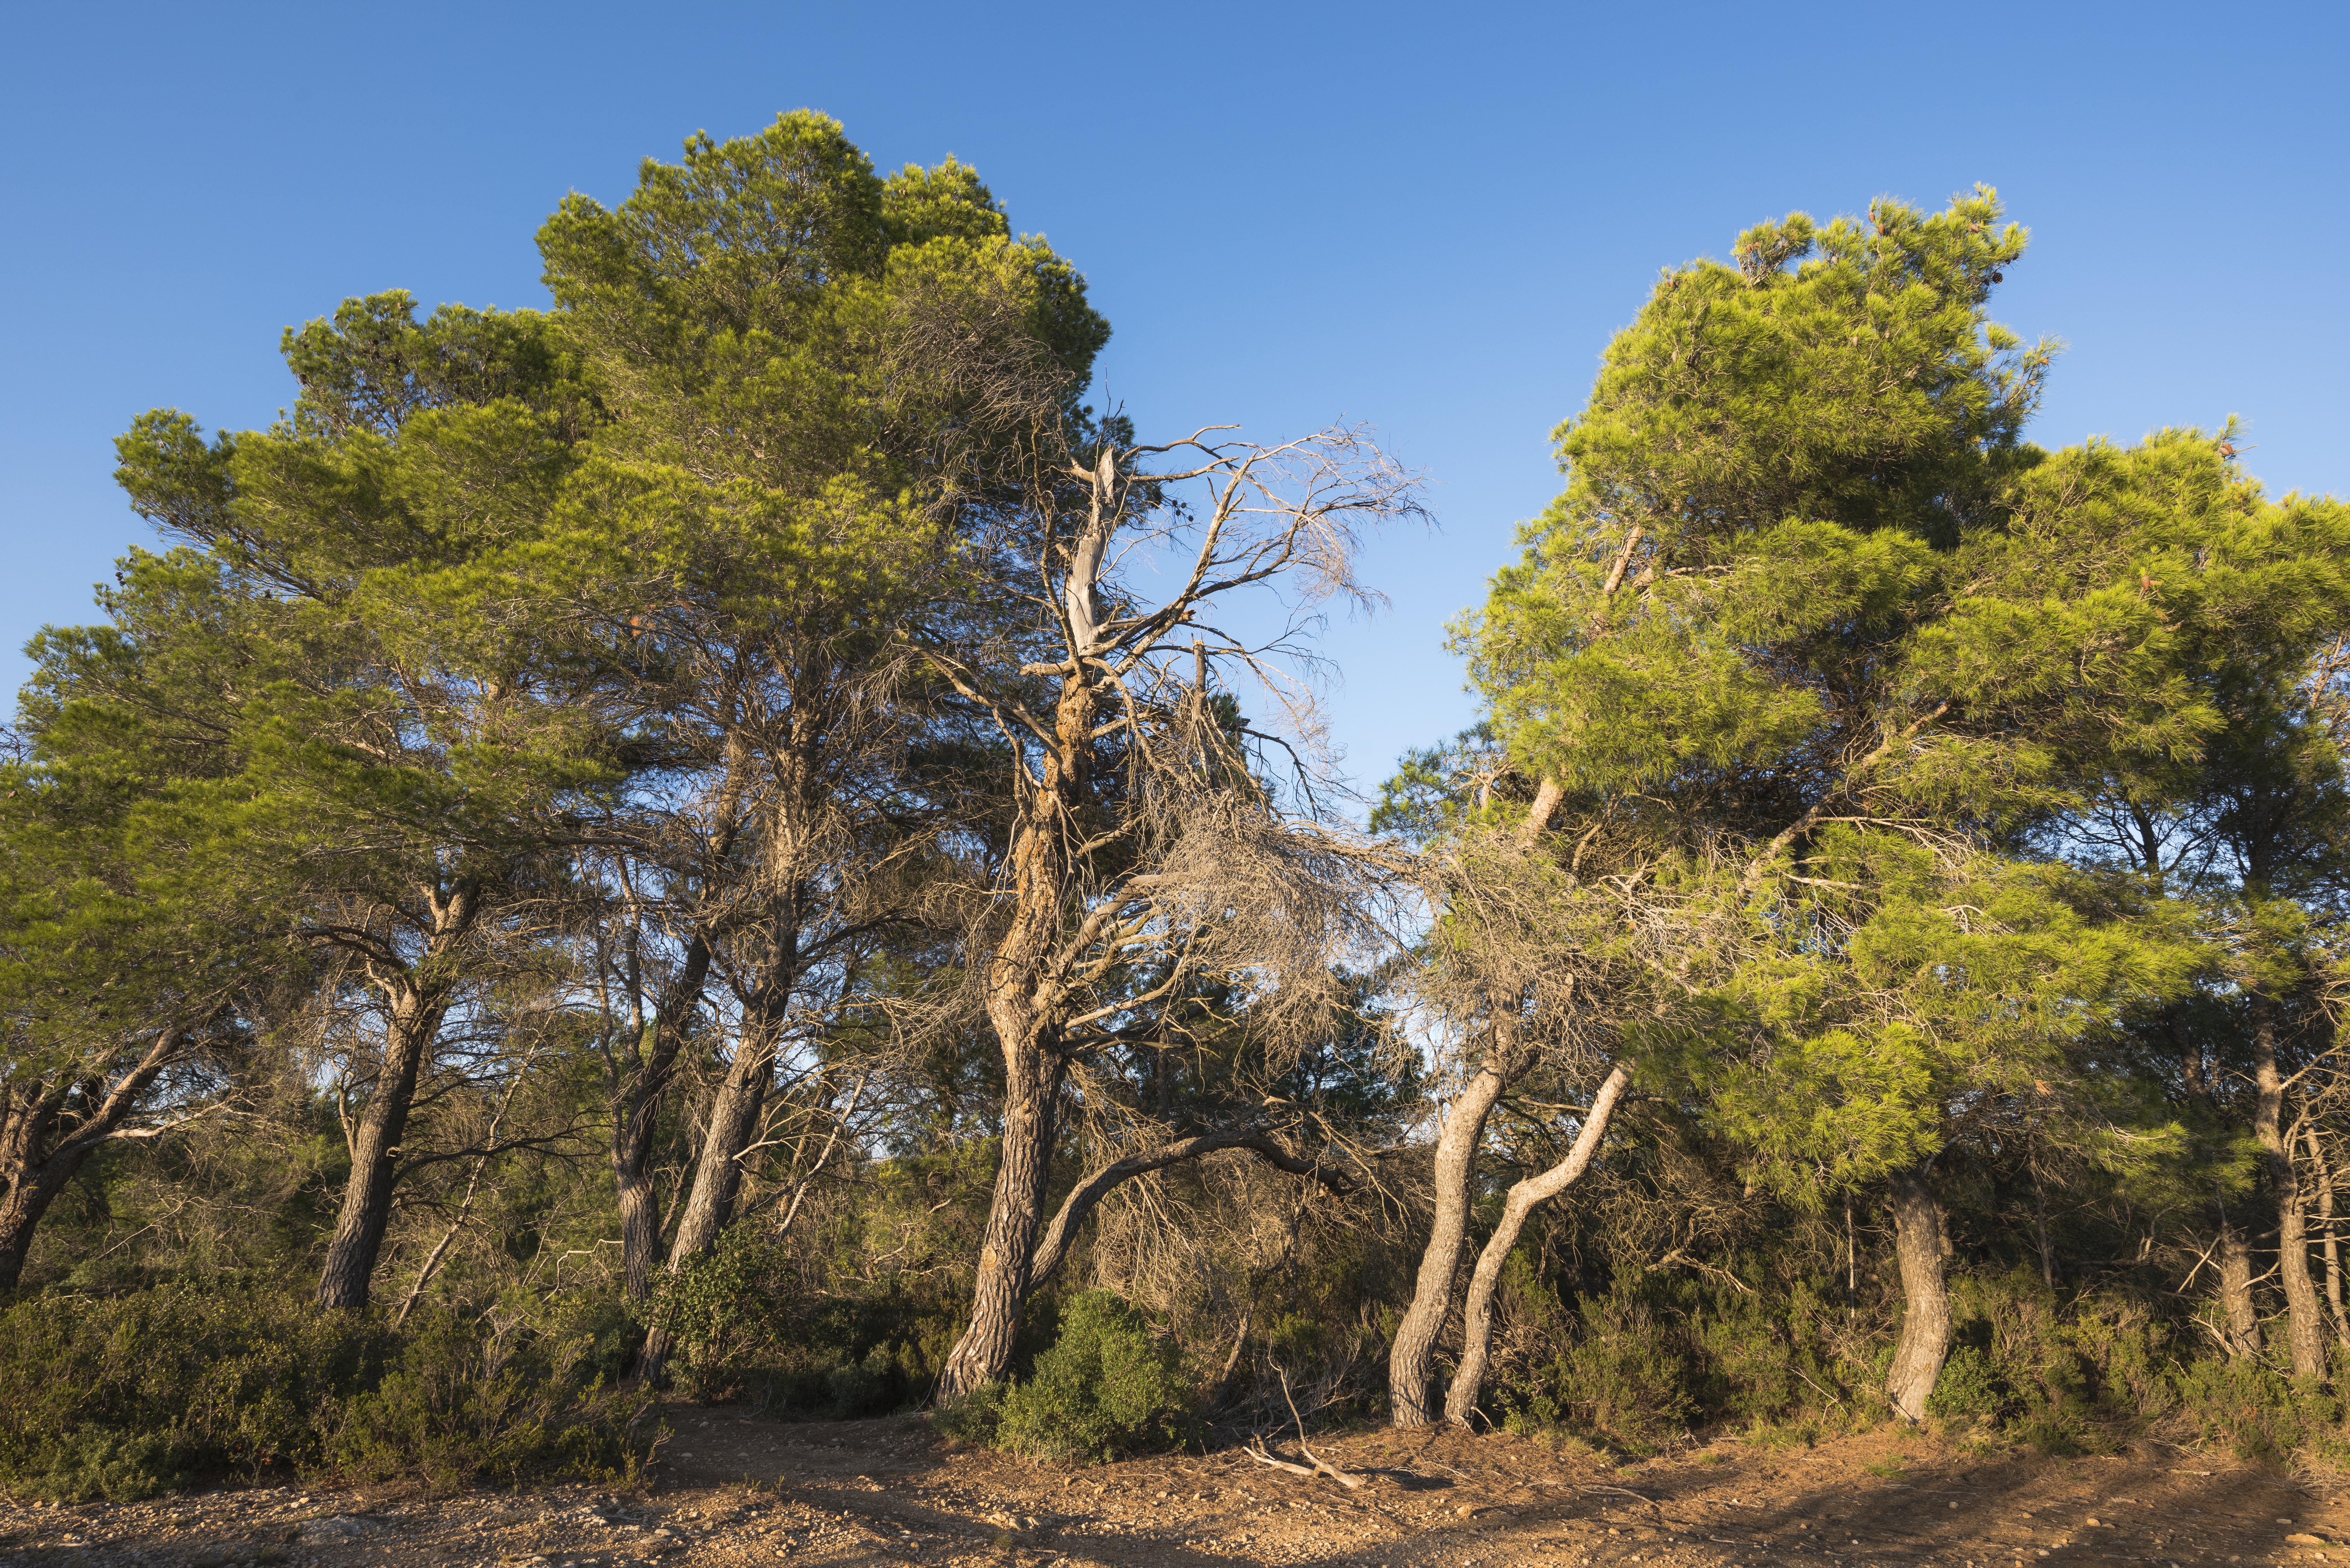 Français : Un bosquet de Pins d'Alep (Pinus halepensis). Les arbres penchent car il y a dans la région un vent fort et souvent omniptrésent qui vient du nord-ouest